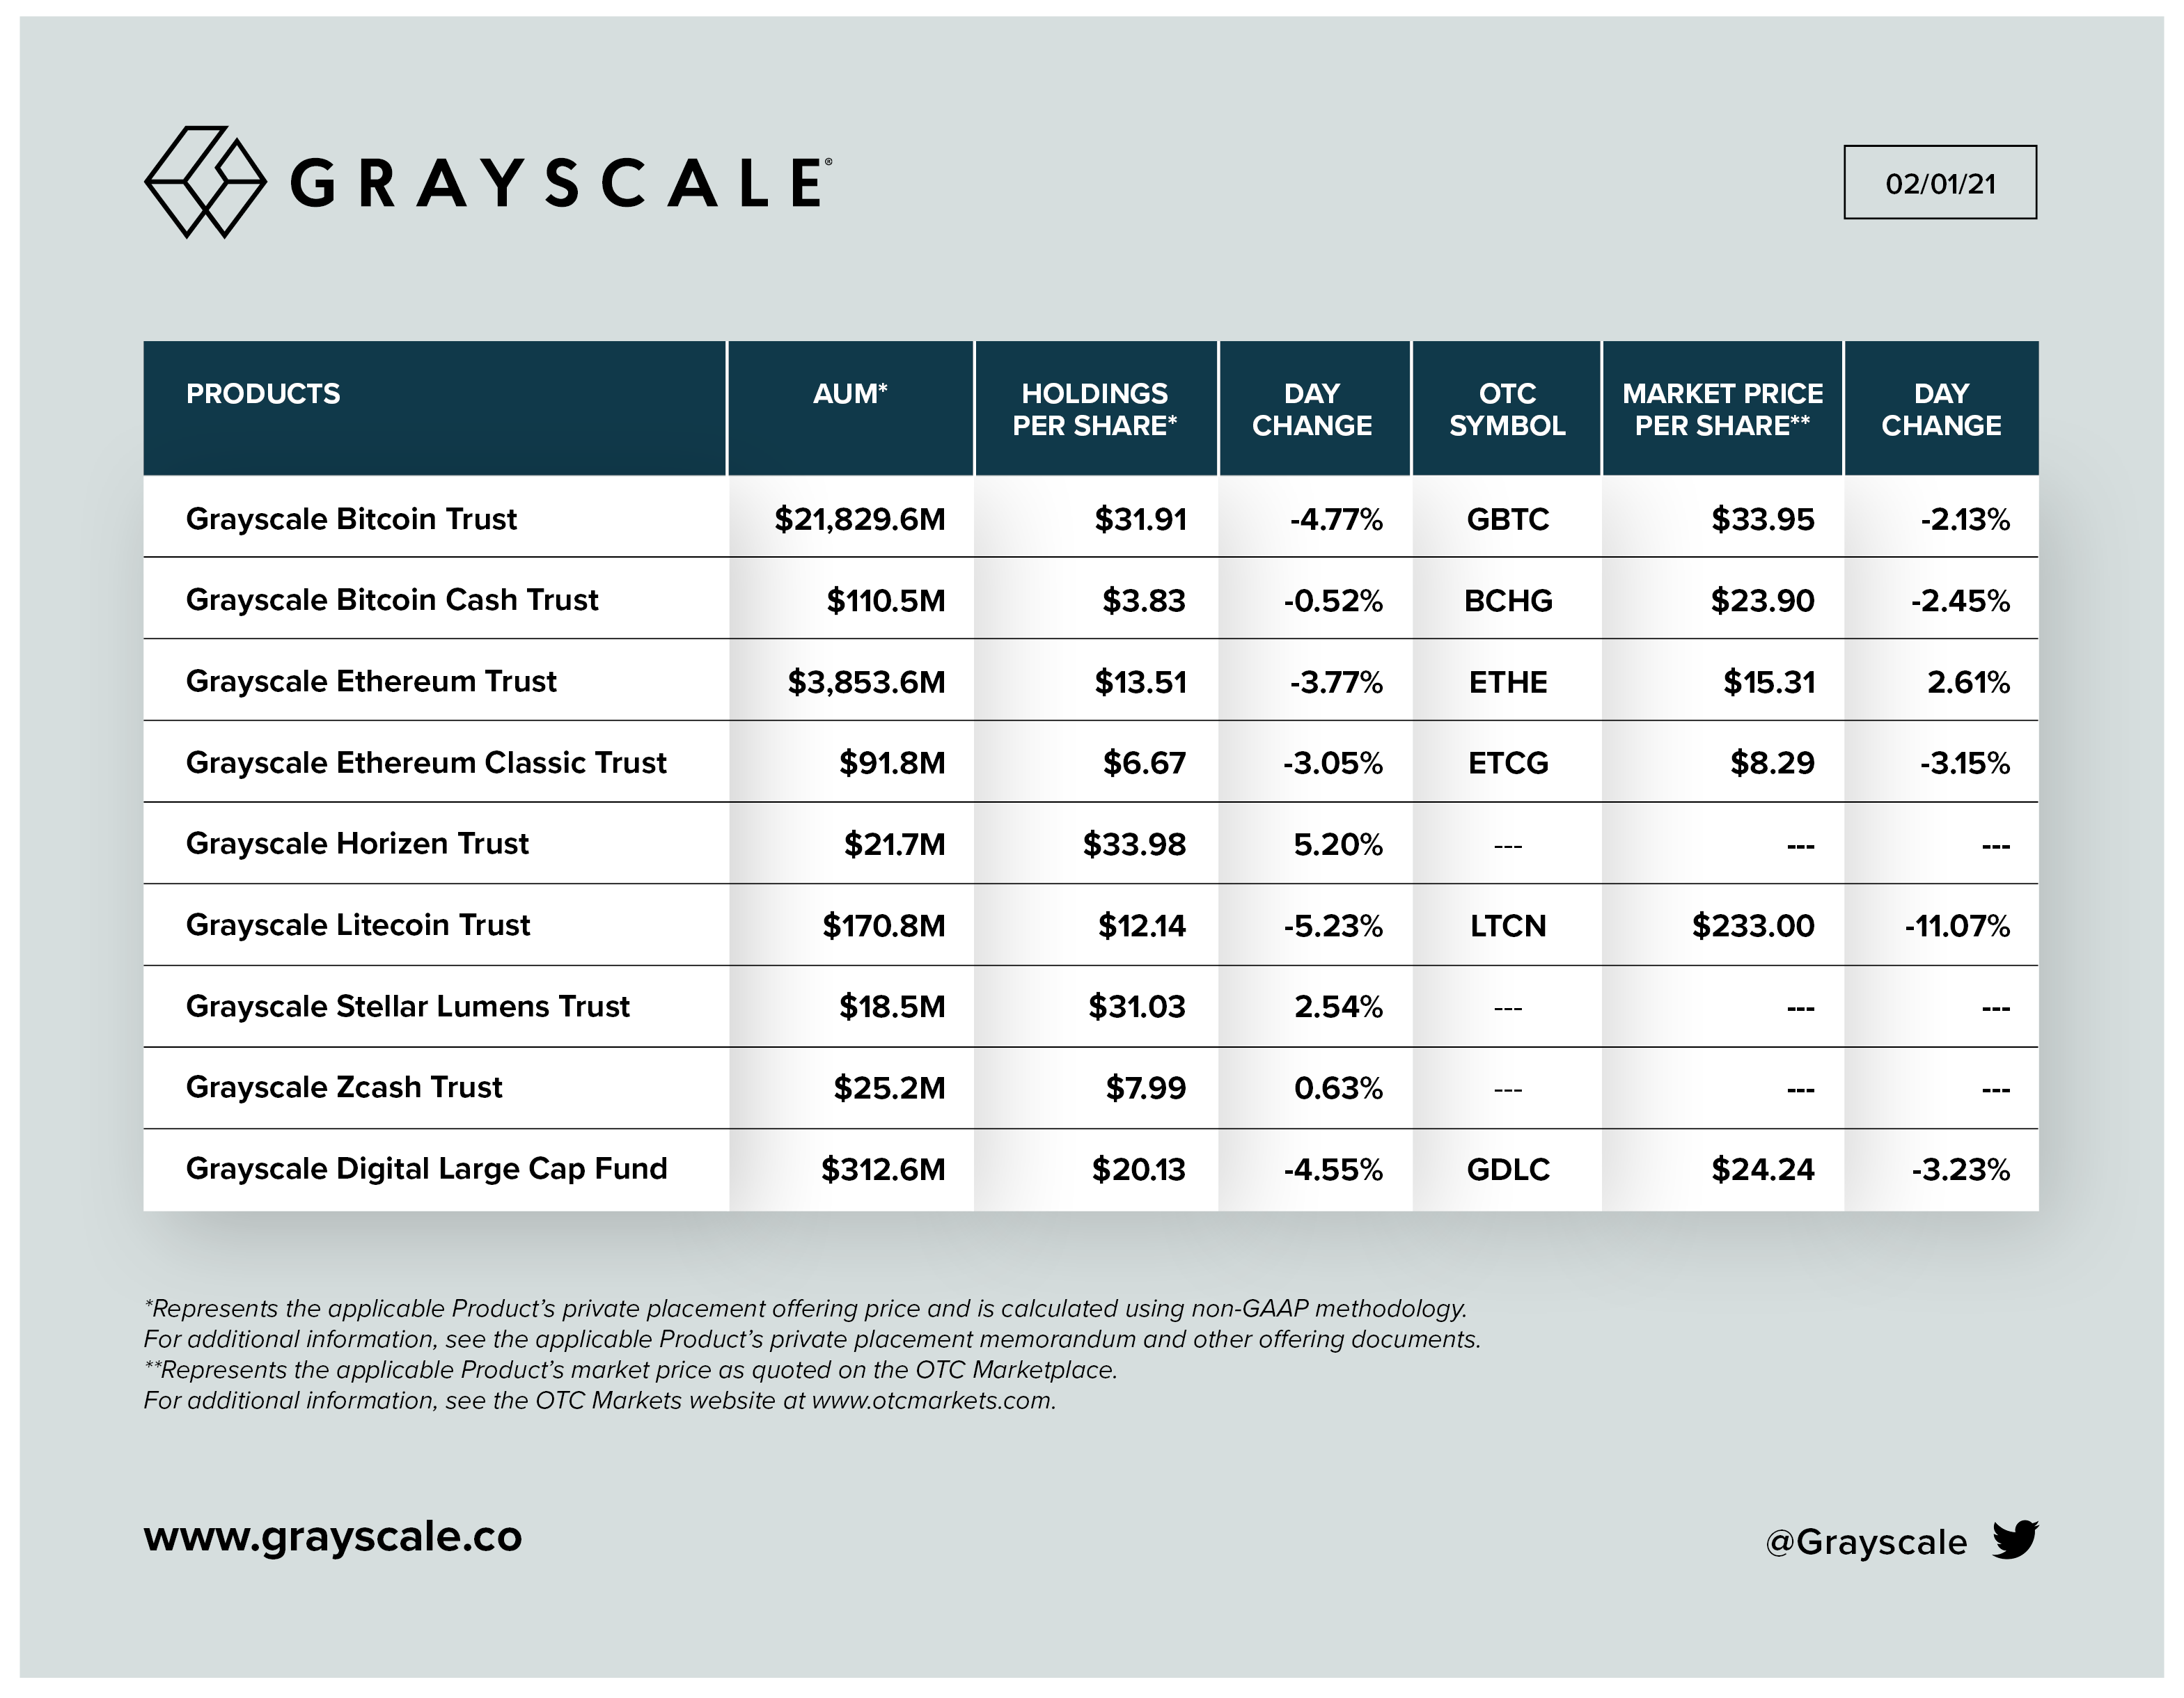 Компания Grayscale рассказала об увеличении капиталовложений в эфир